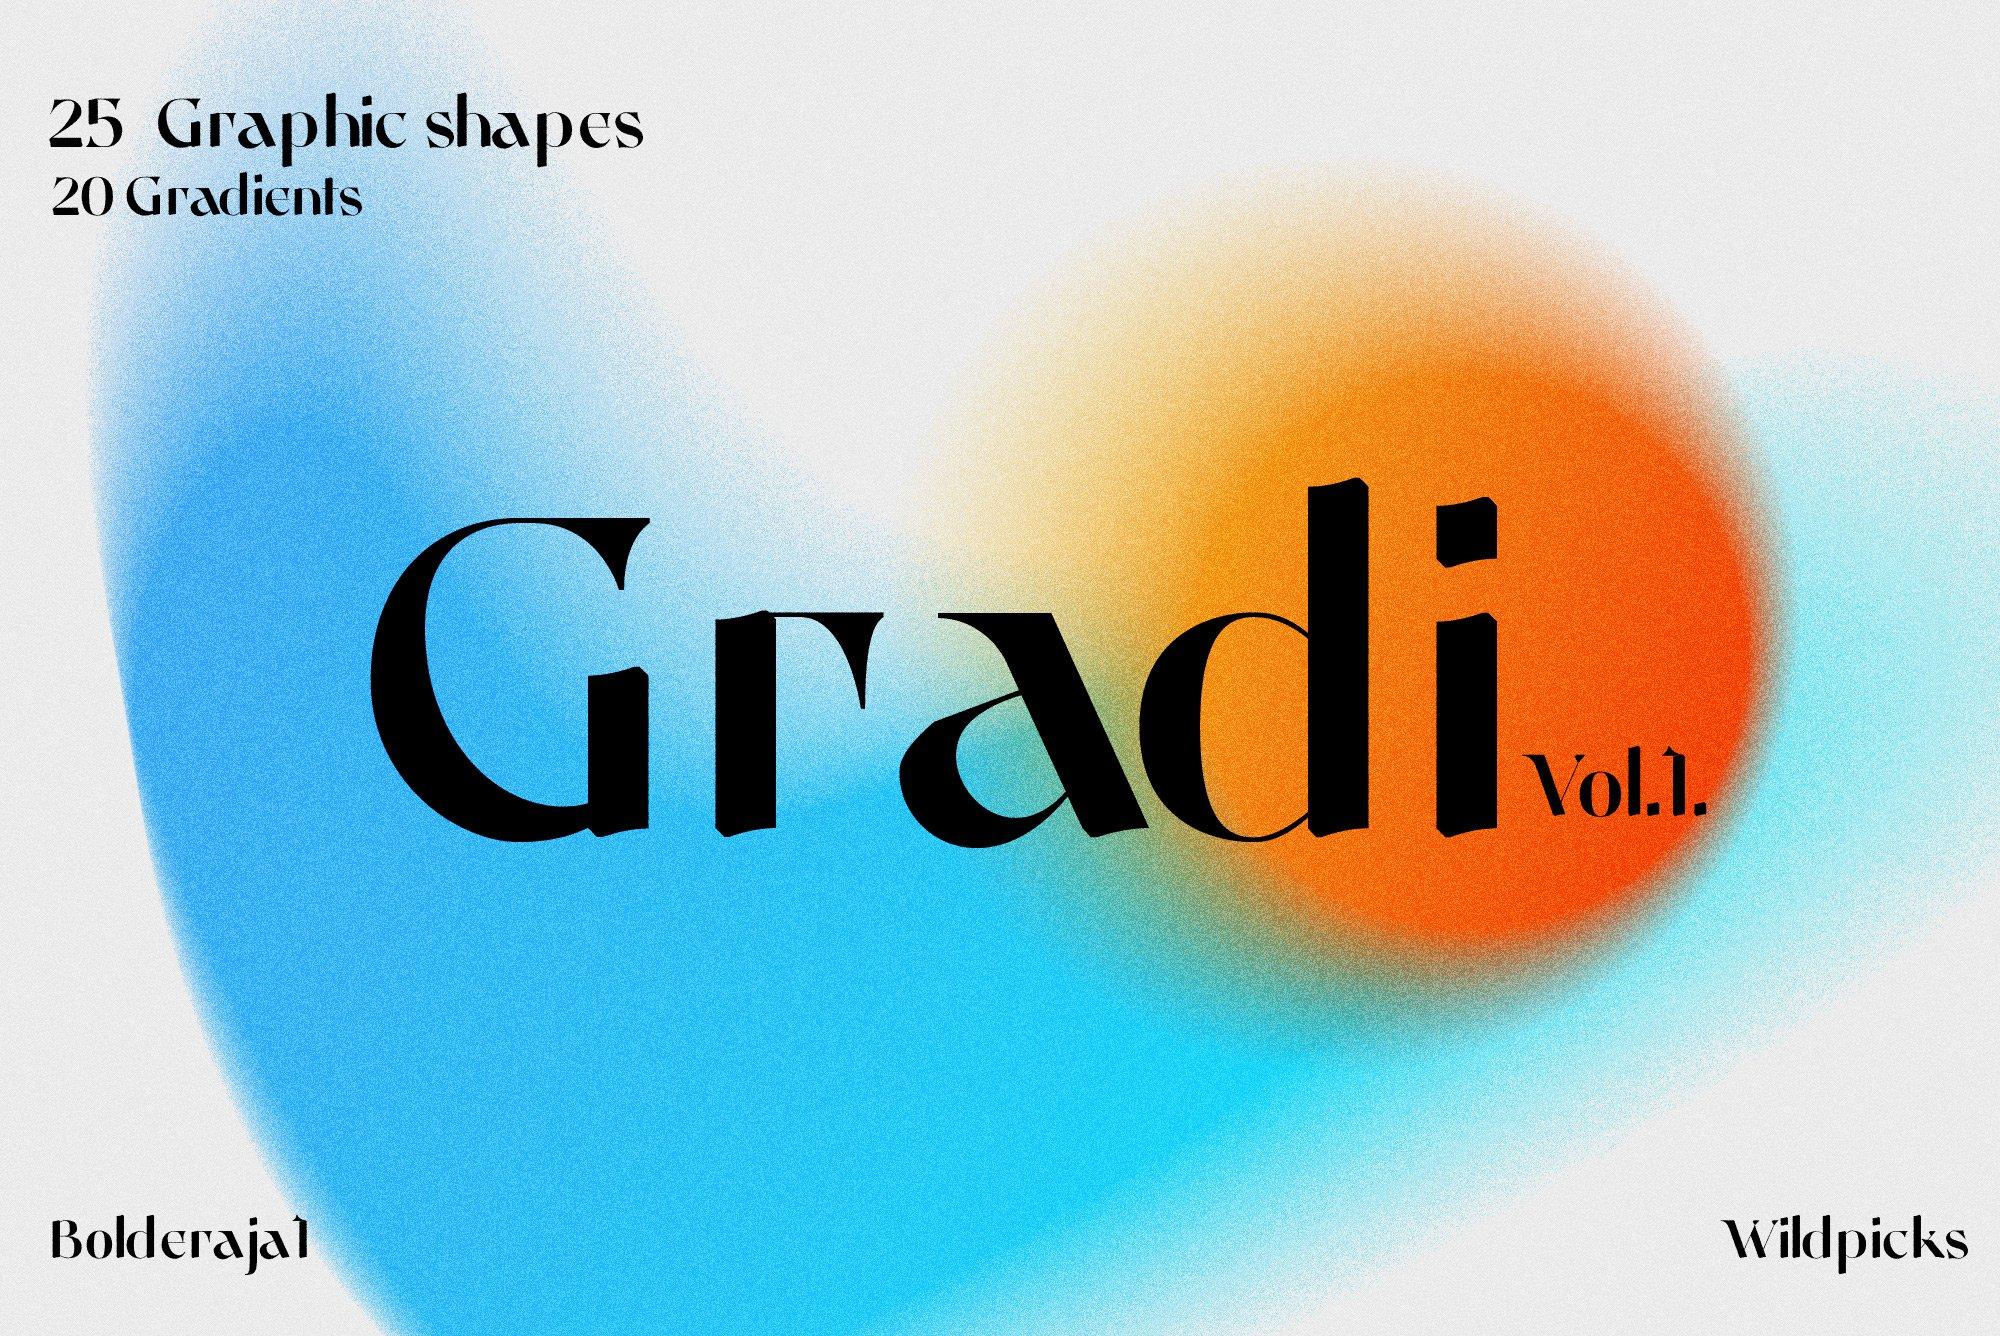 [单独购买] 潮流复古炫彩颗粒噪点模糊渐变背景纹理图形设计素材 Gradient Color Grainy Textures插图